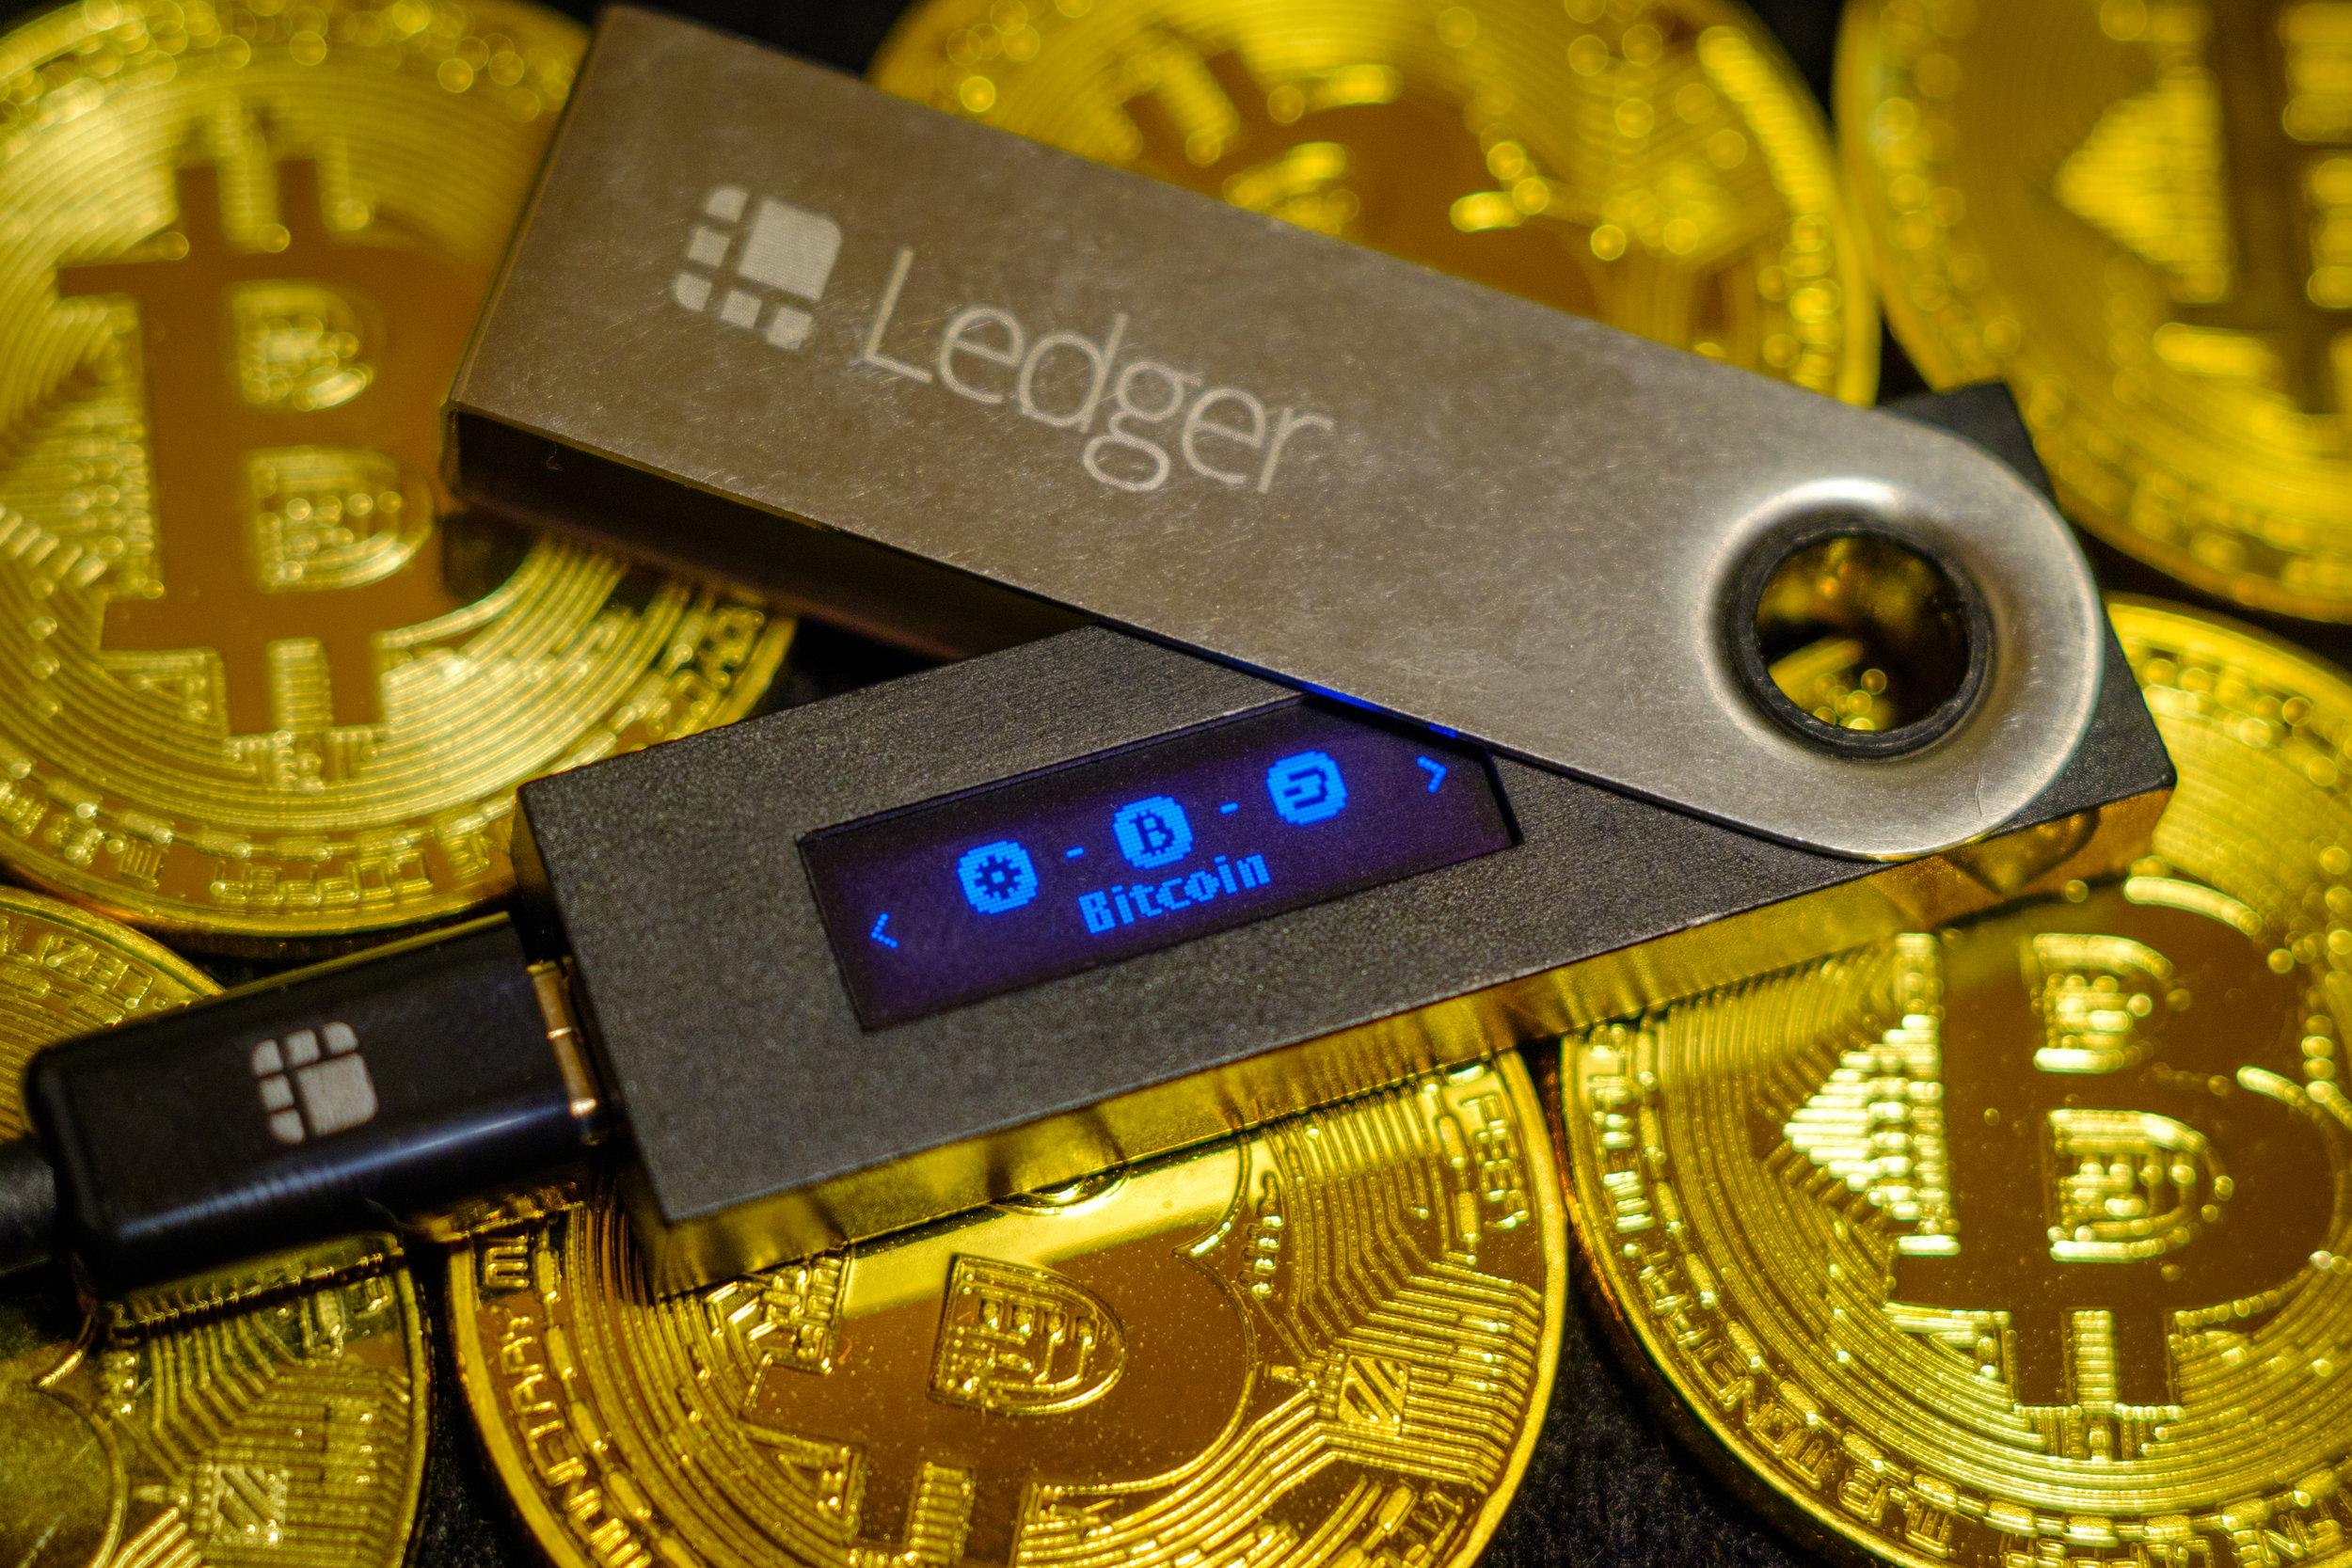 Cold crypto wallet Ledger Nano S lying on golden bitcoin coins